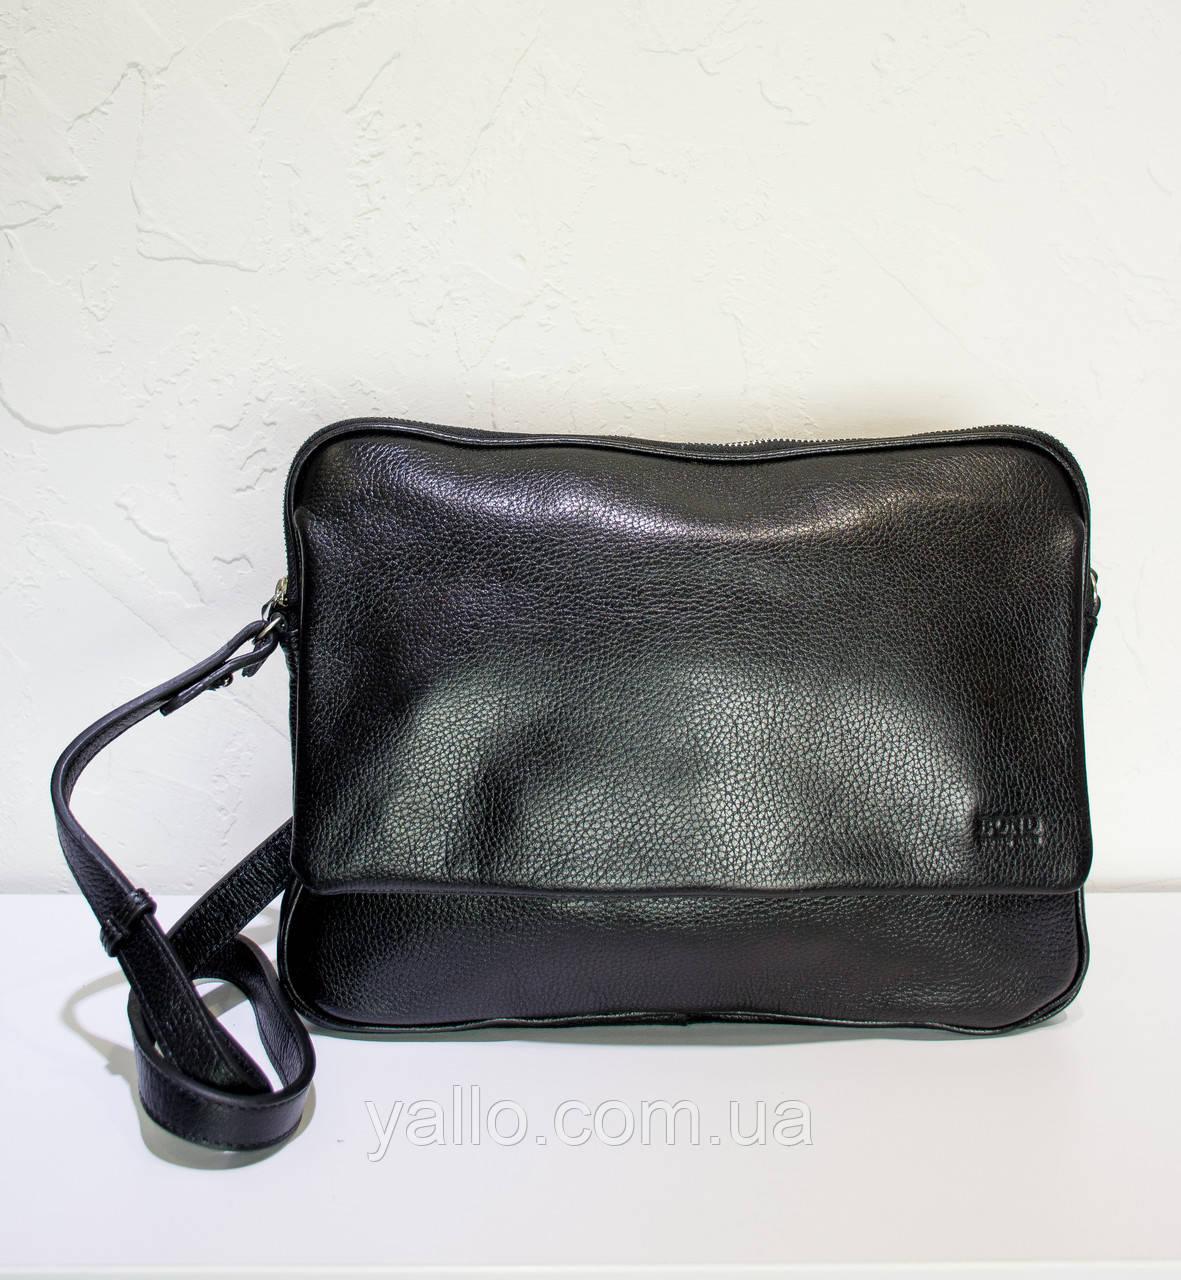 Мужская кожаная сумка BOND 1375-281